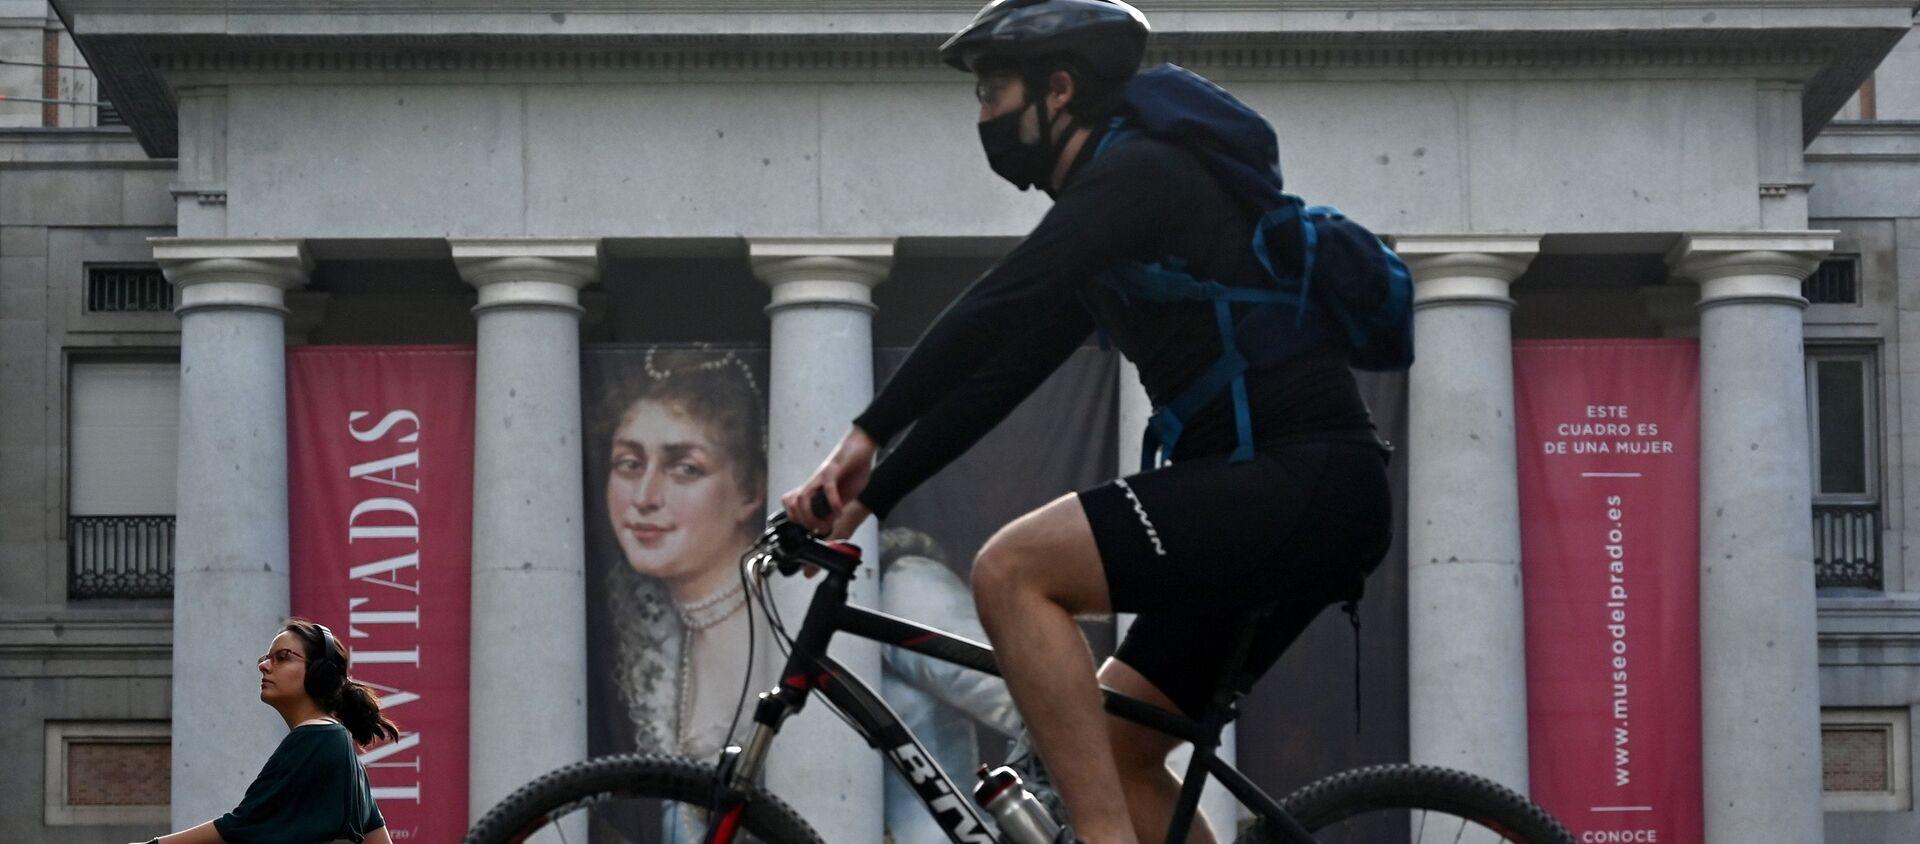 Un ciclista hace deporte frente al Museo del Prado en Madrid - Sputnik Mundo, 1920, 03.07.2020